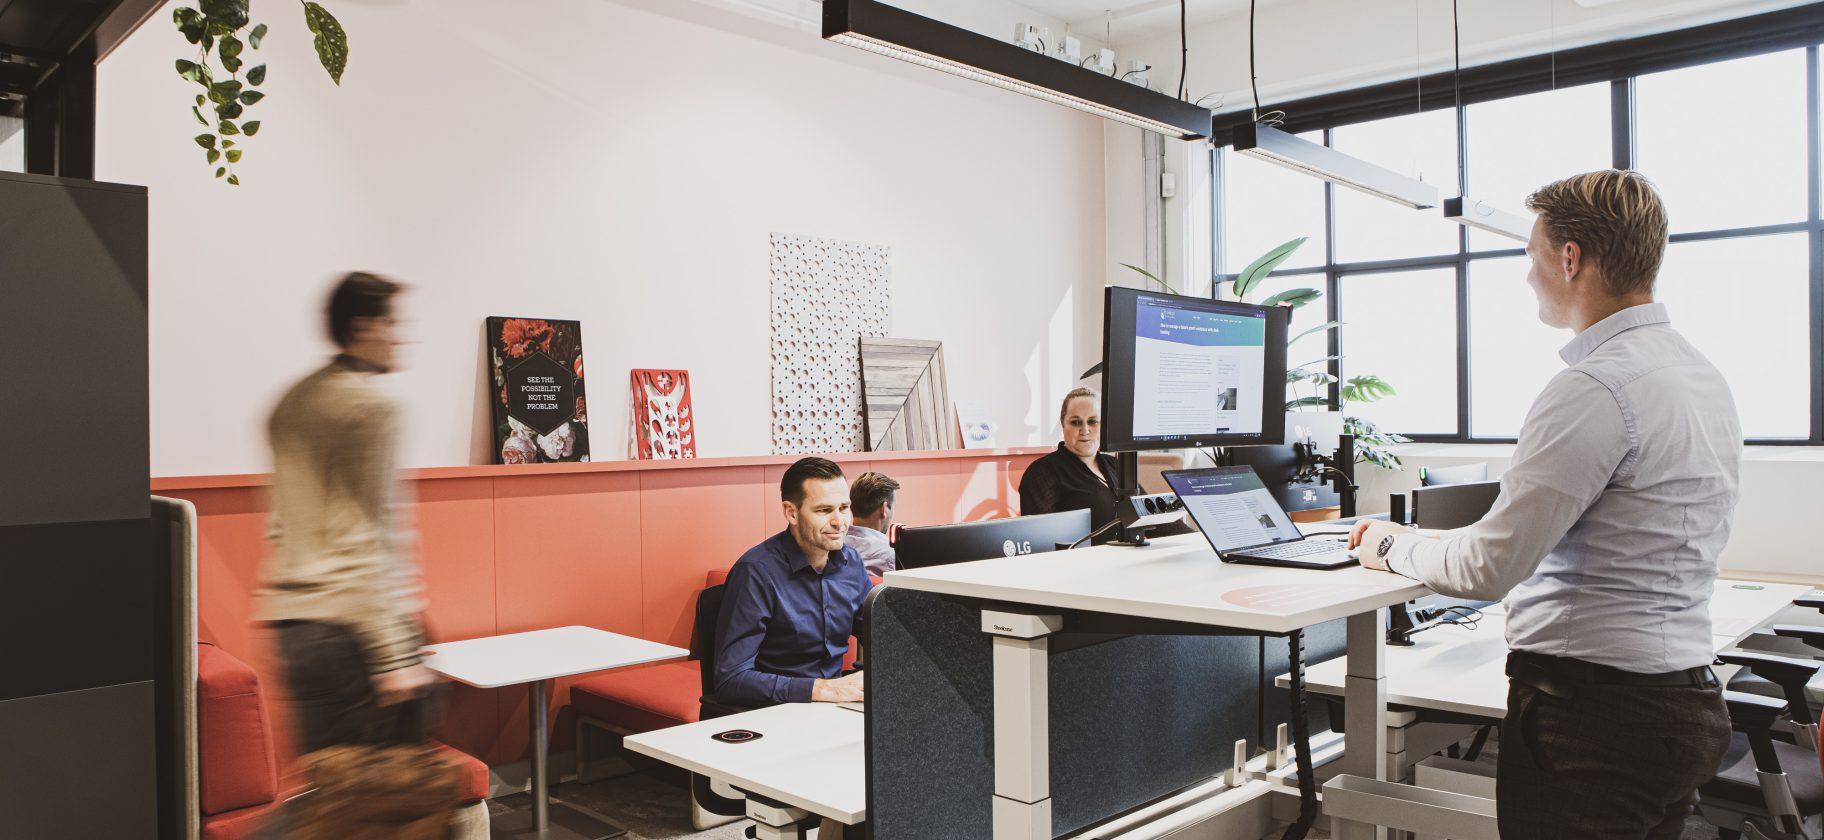 GoBright Work - Desk Booking - Desk Management